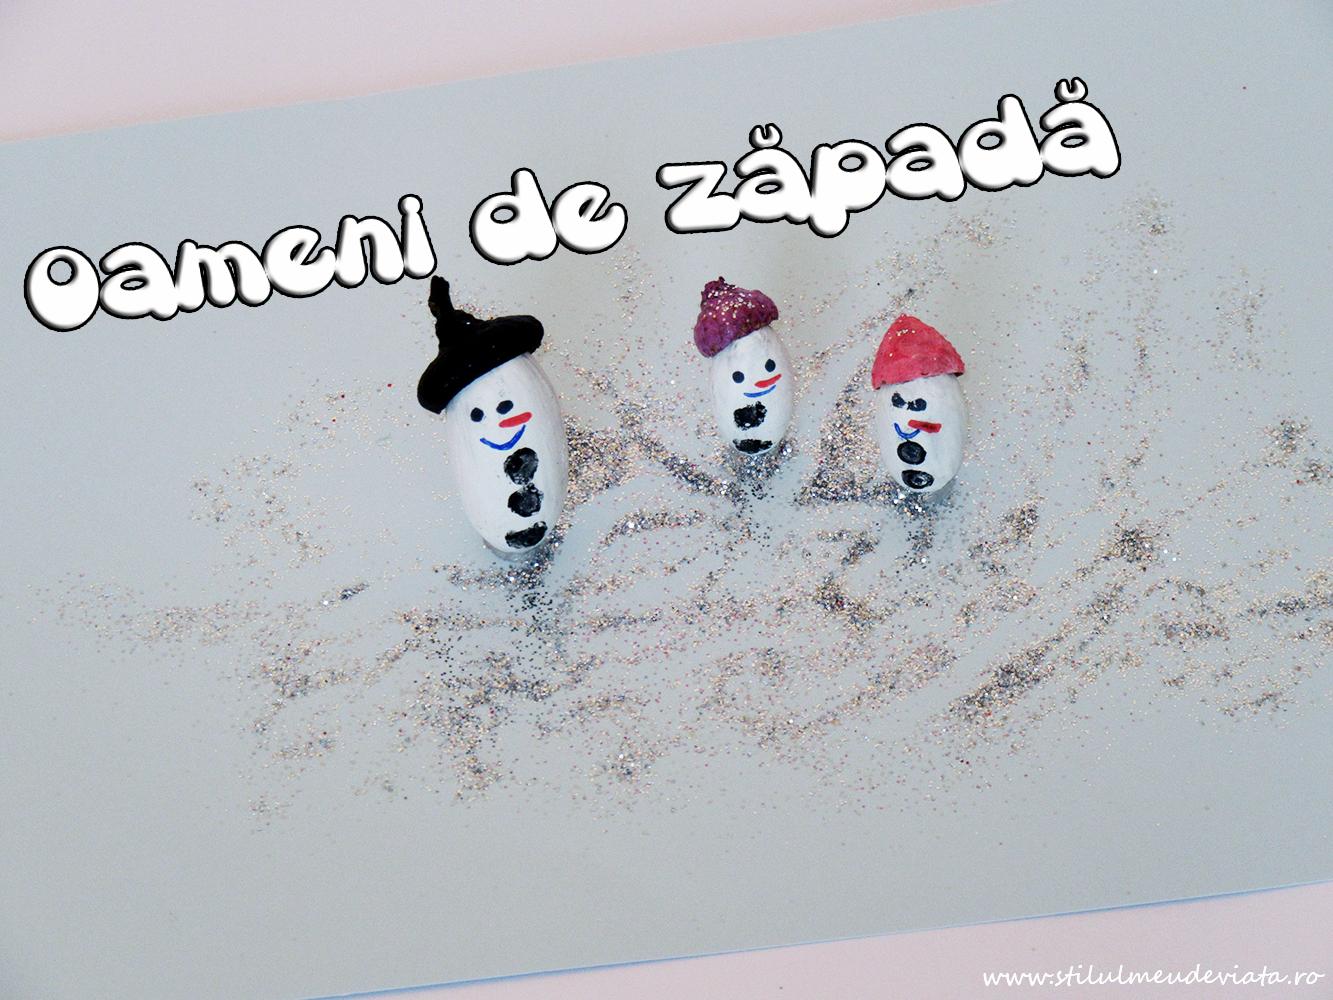 oameni de zăpadă din ghinde